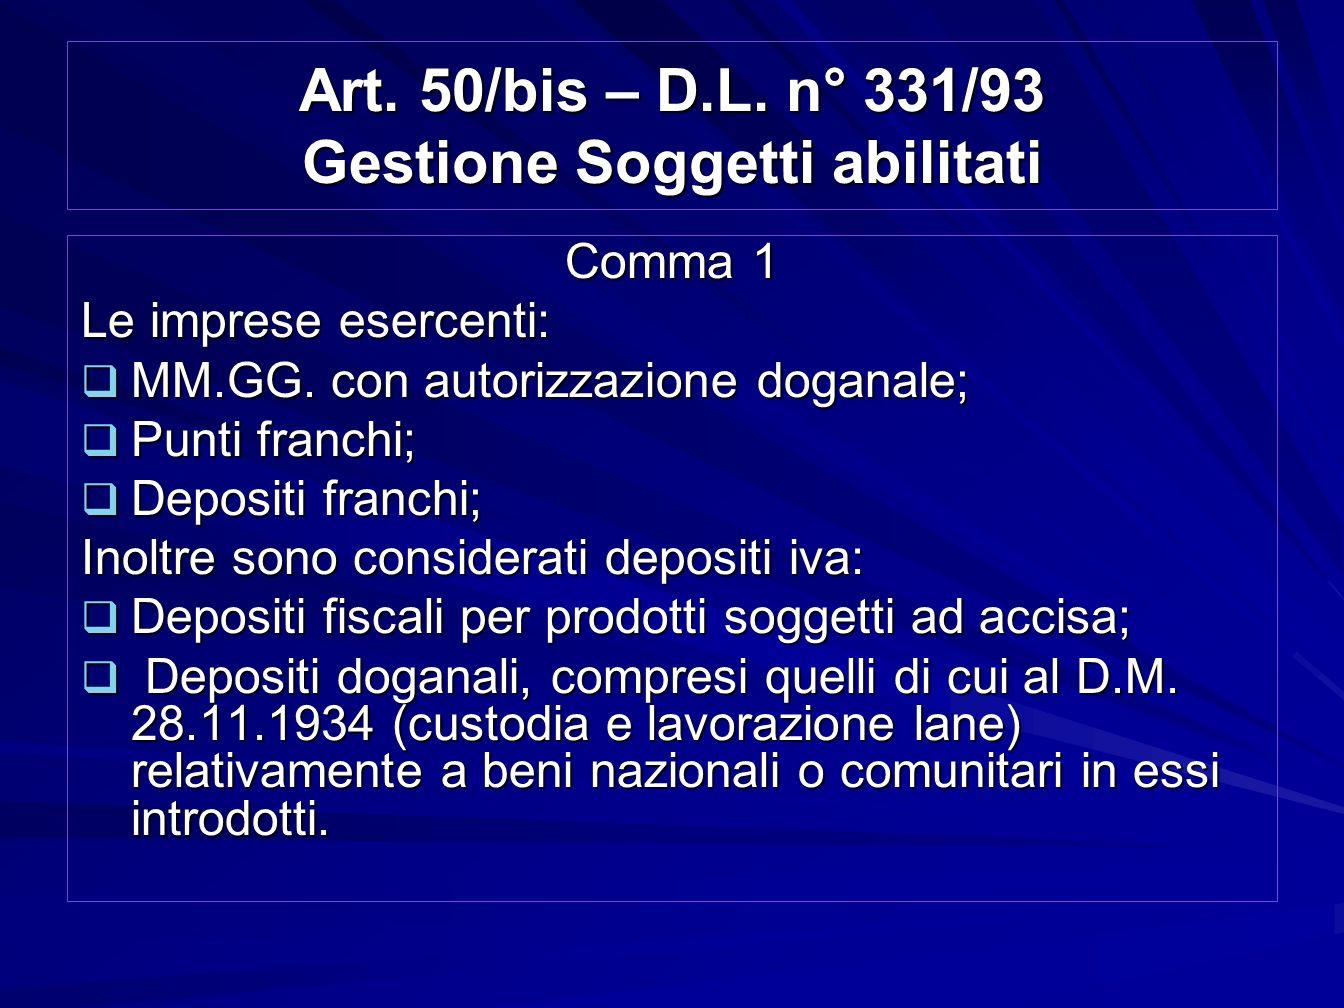 Art.50/bis – D.L. n° 331/93 Comma 4 lett. a) ADEMPIMENTI art.